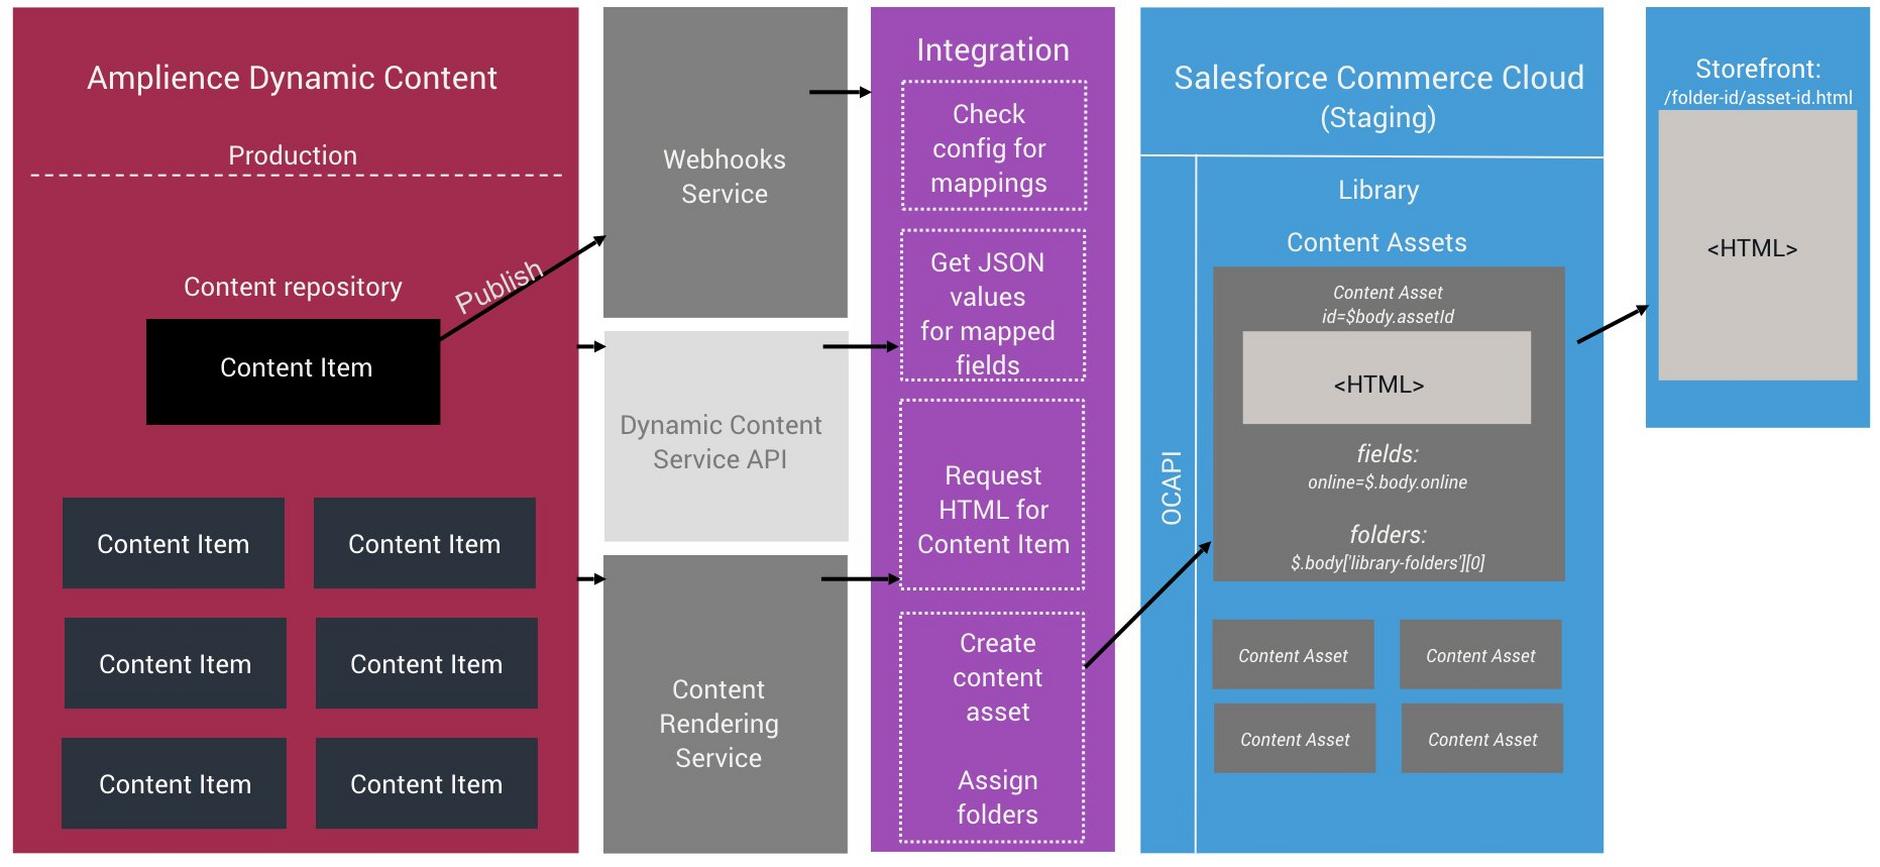 SFCC content asset integration architecture